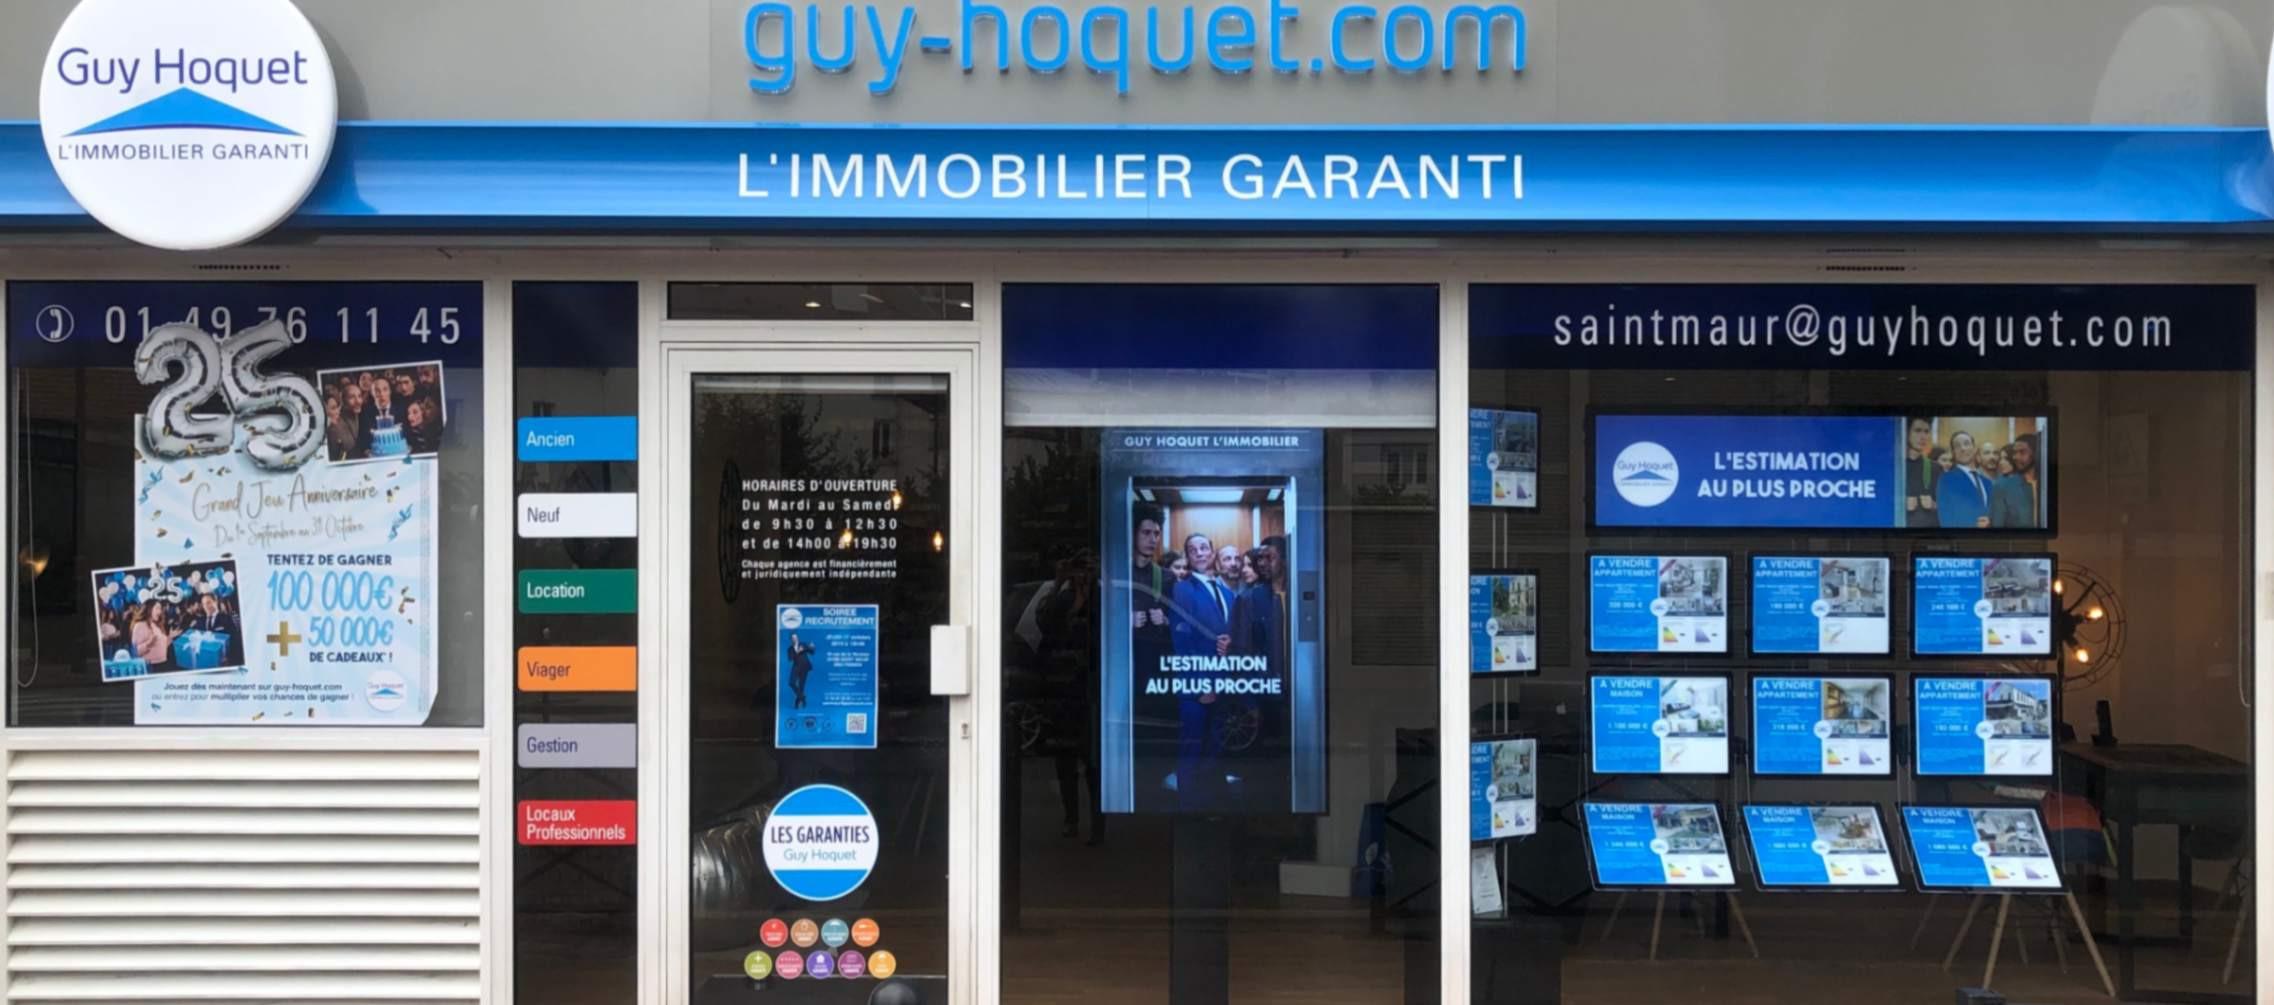 Agence Guy Hoquet SAINT MAUR DES FOSSES